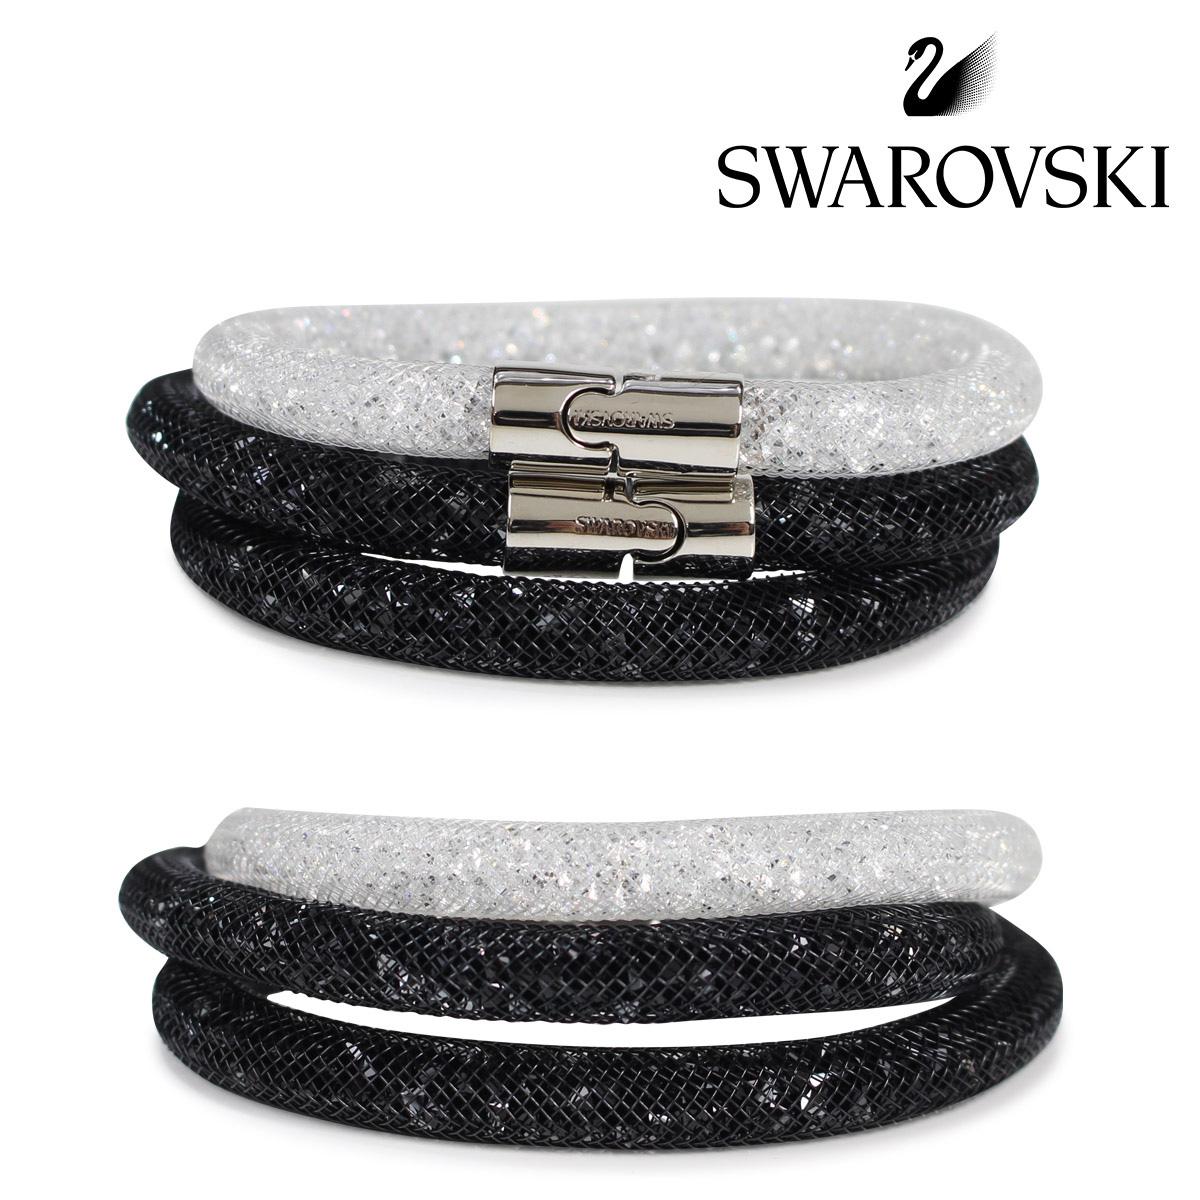 スワロフスキー SWAROVSKI ブレスレット 2本セット レディース STARDUST ブラック ホワイト 5185000 S